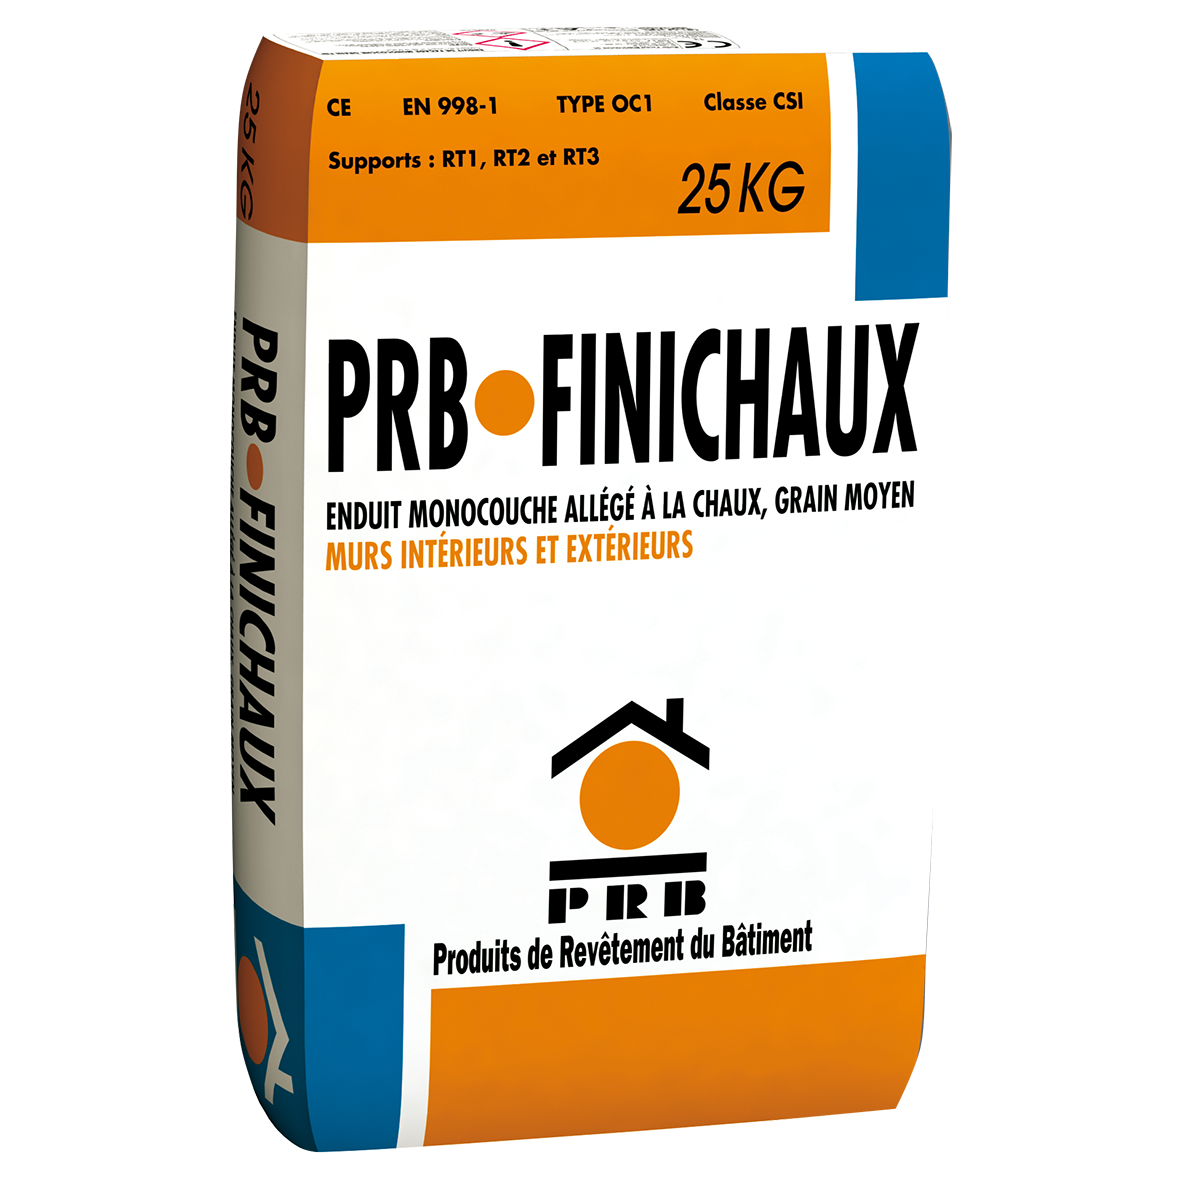 PRB FINICHAUX 25 KG